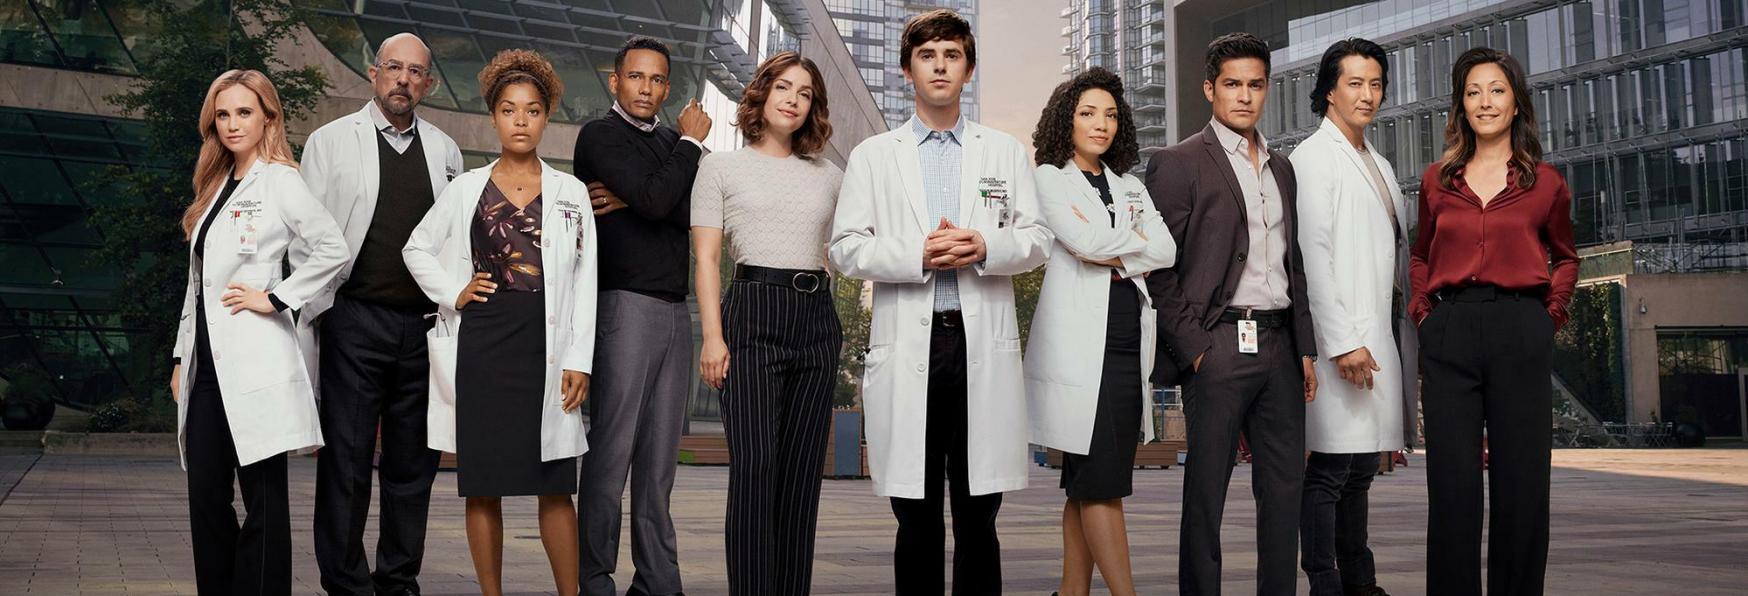 The Good Doctor 5: Trama, Cast, Curiosità, Data di Uscita e Trailer della Serie TV